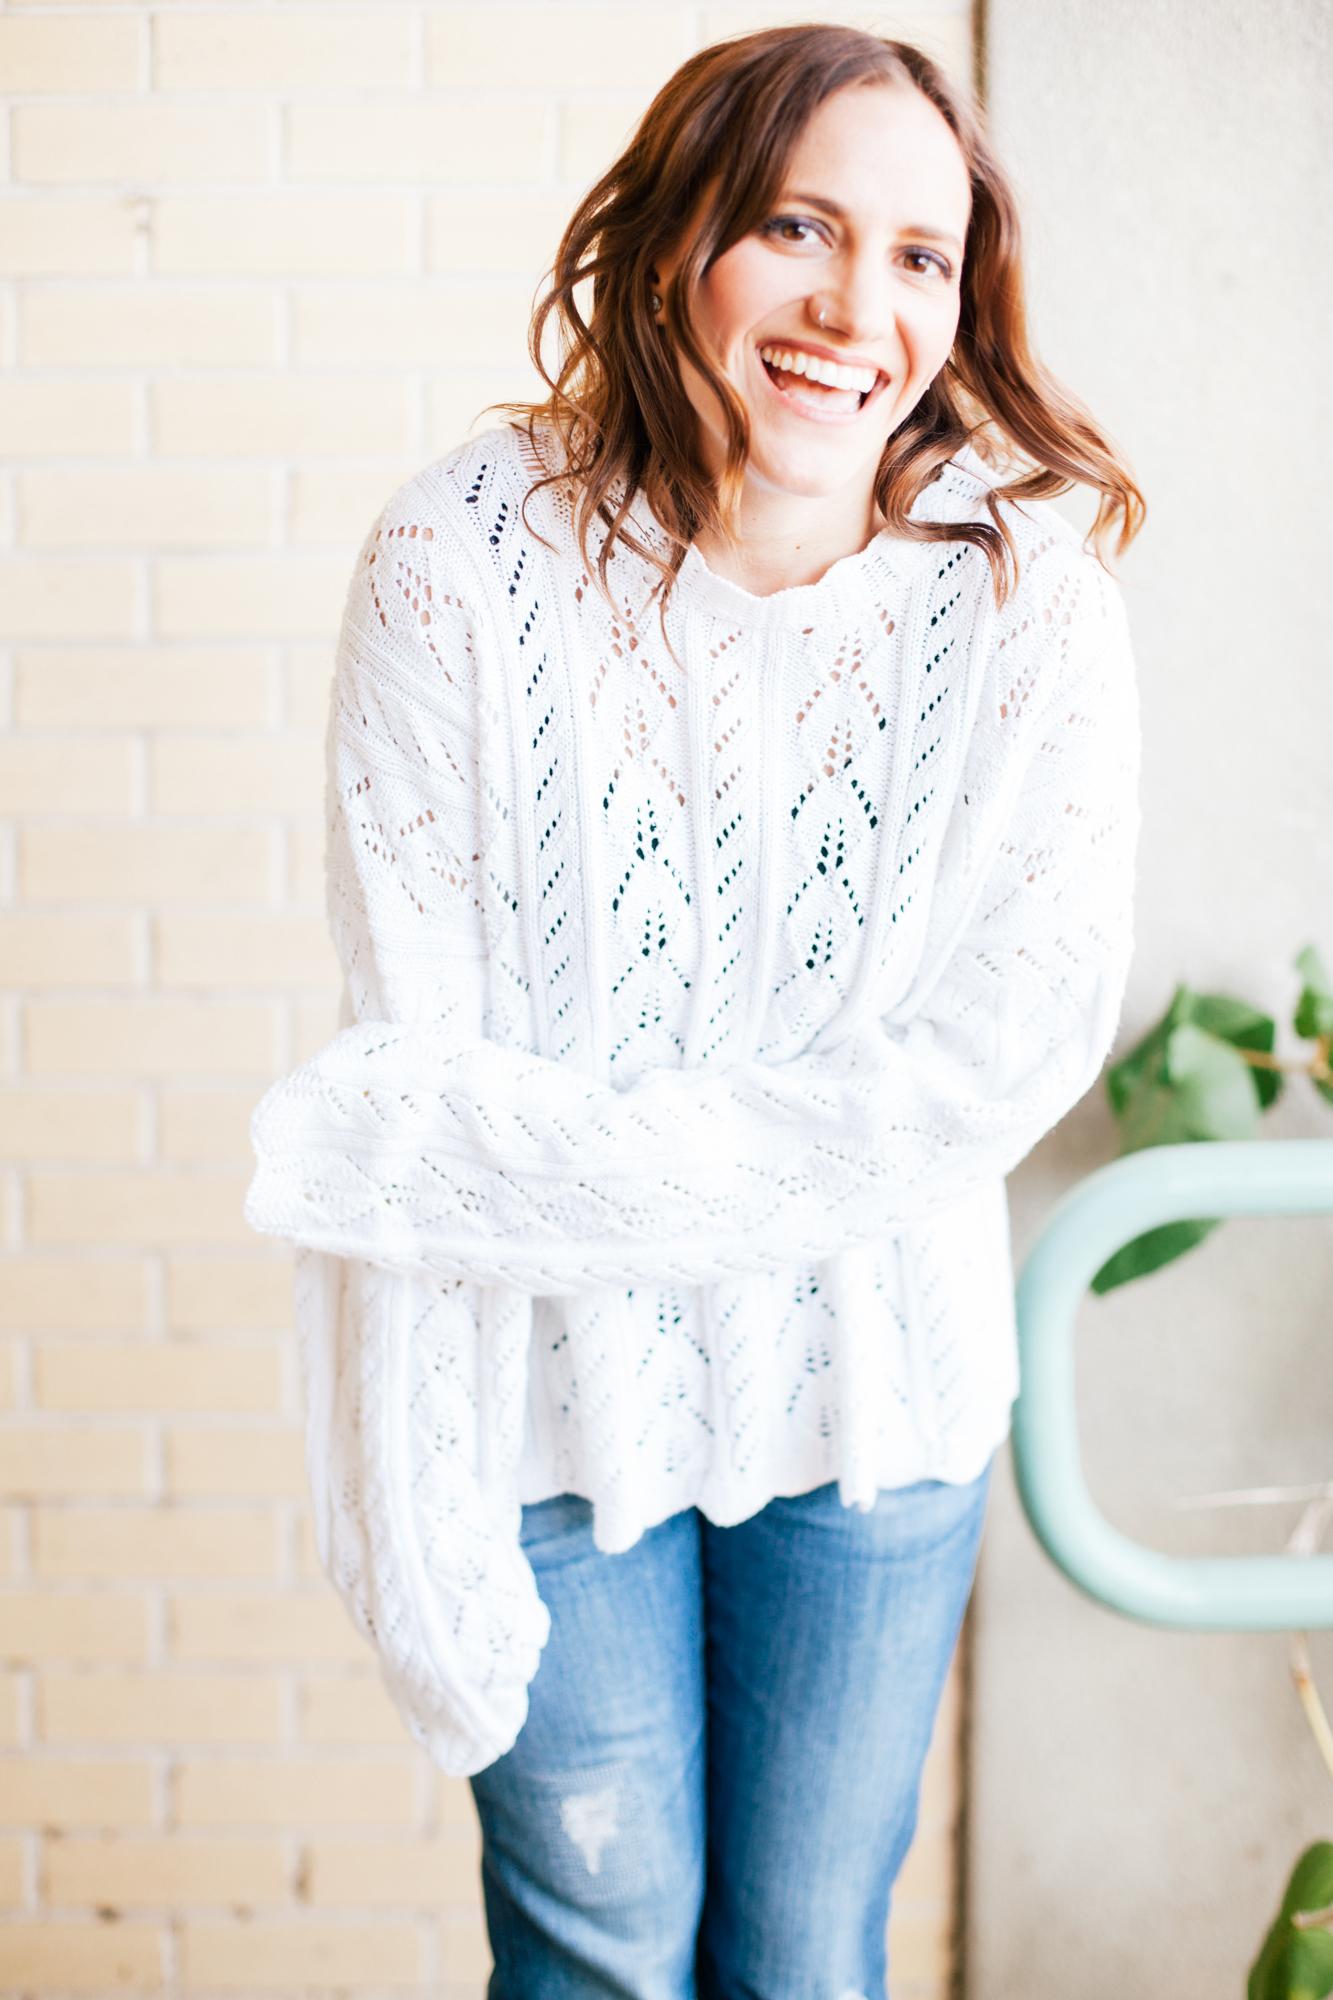 whitesweaterwarbyparkerglasses-12